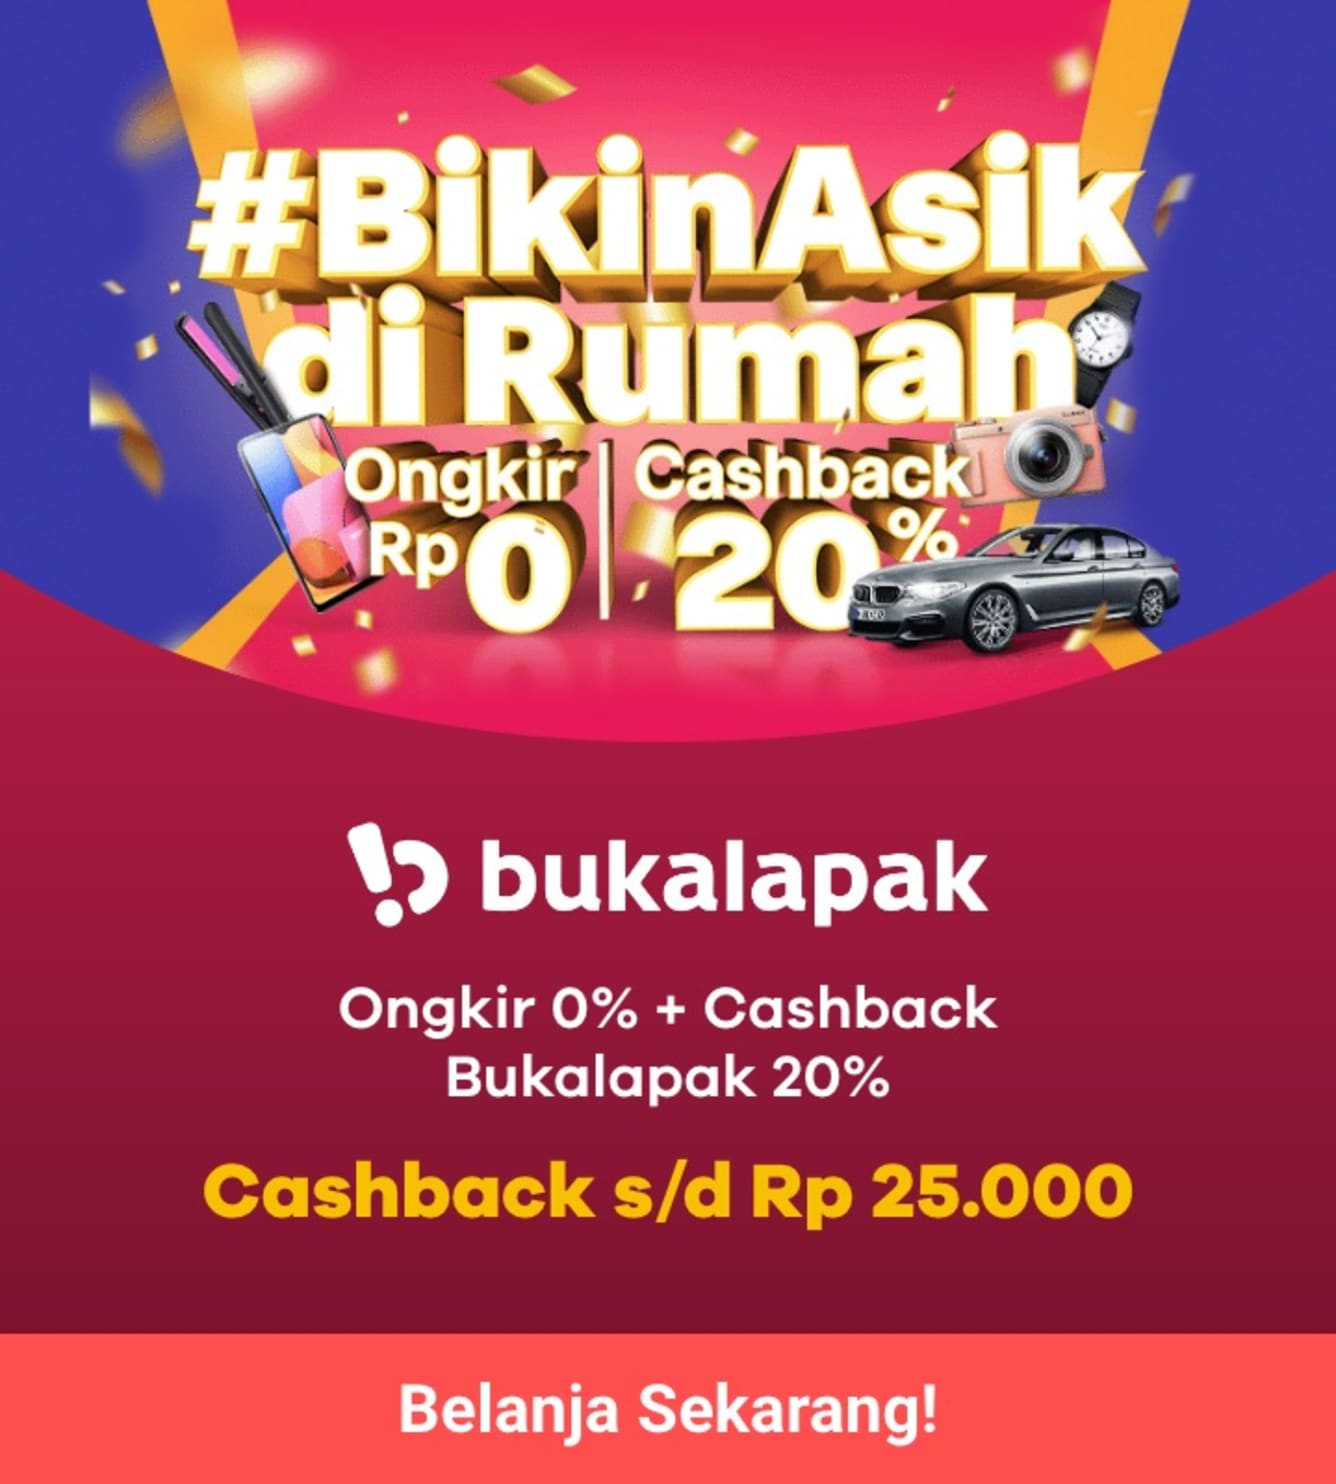 Week 15 - Promo Bukalapak